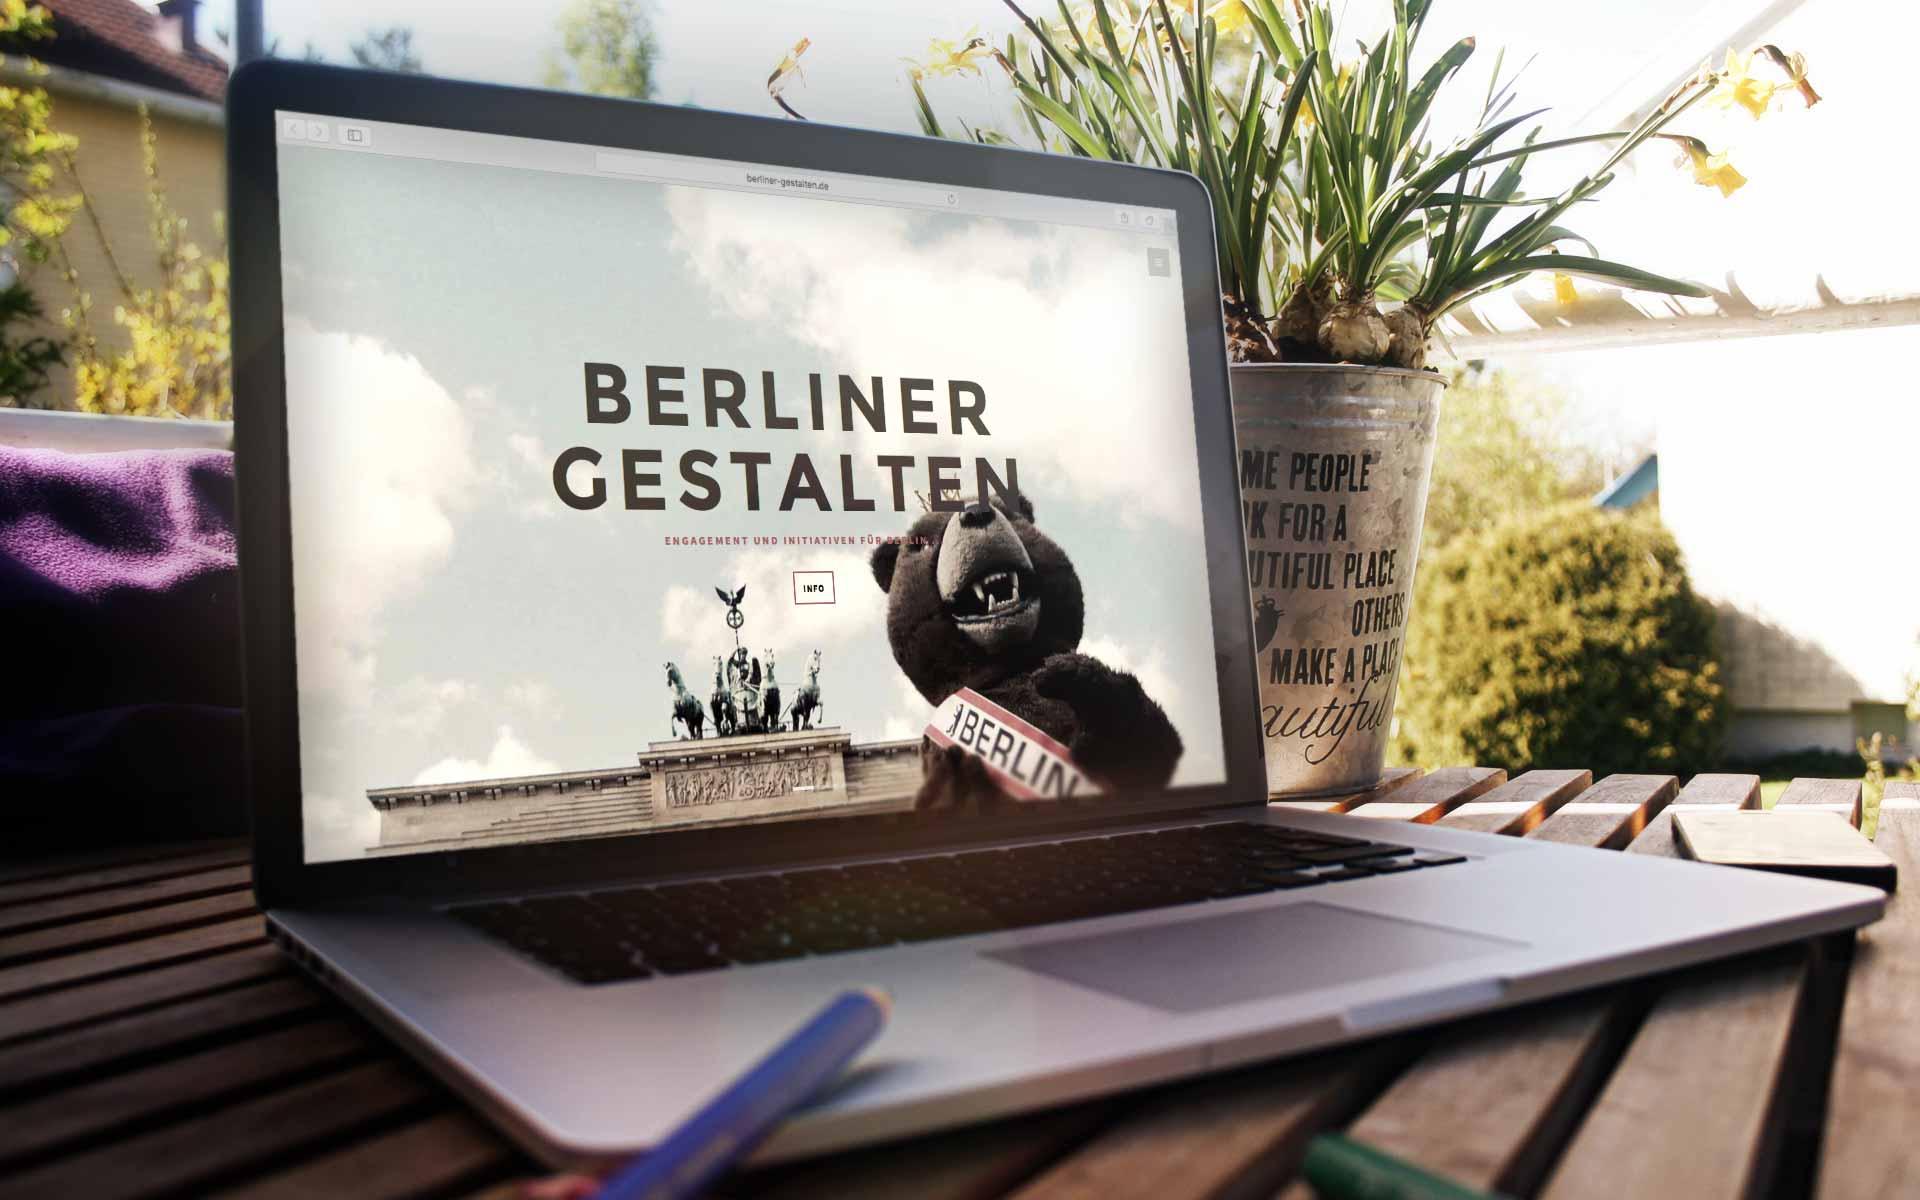 Berliner Gestalten, Website der 3. Generation der Berliner Gestalten.